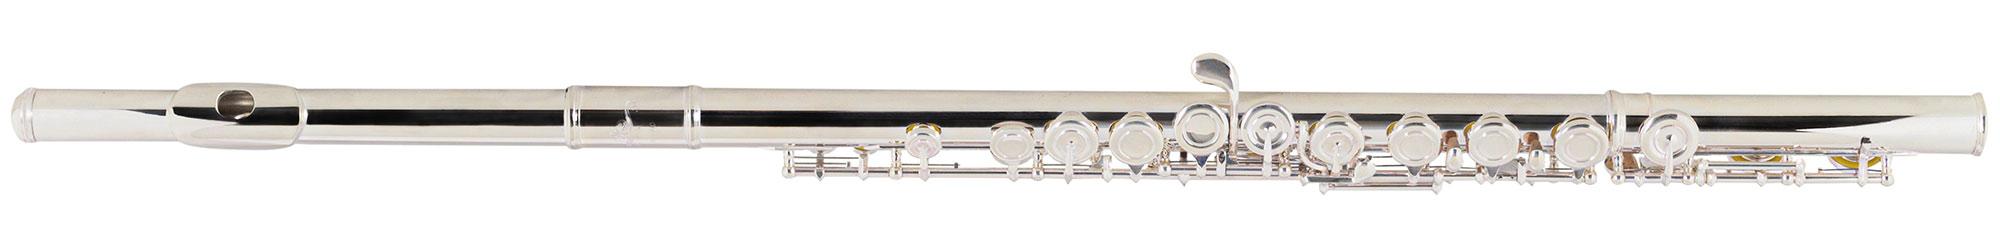 Sonstigeblasinstrumente - Lechgold FL 330 Querflöte - Onlineshop Musikhaus Kirstein